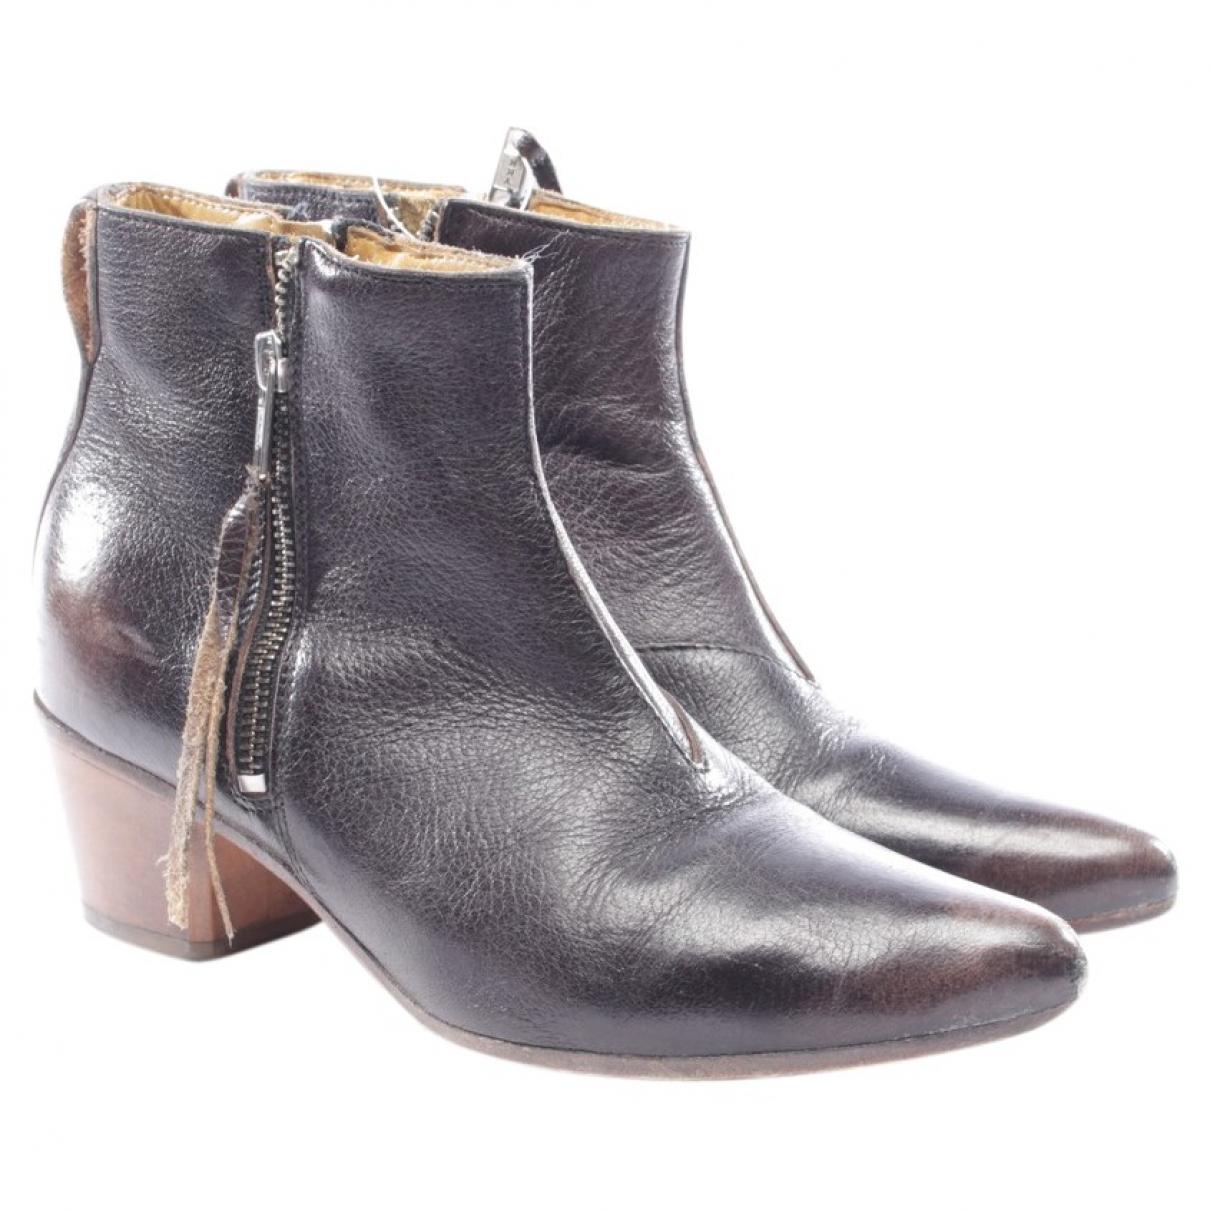 Moma - Boots   pour femme en cuir - noir